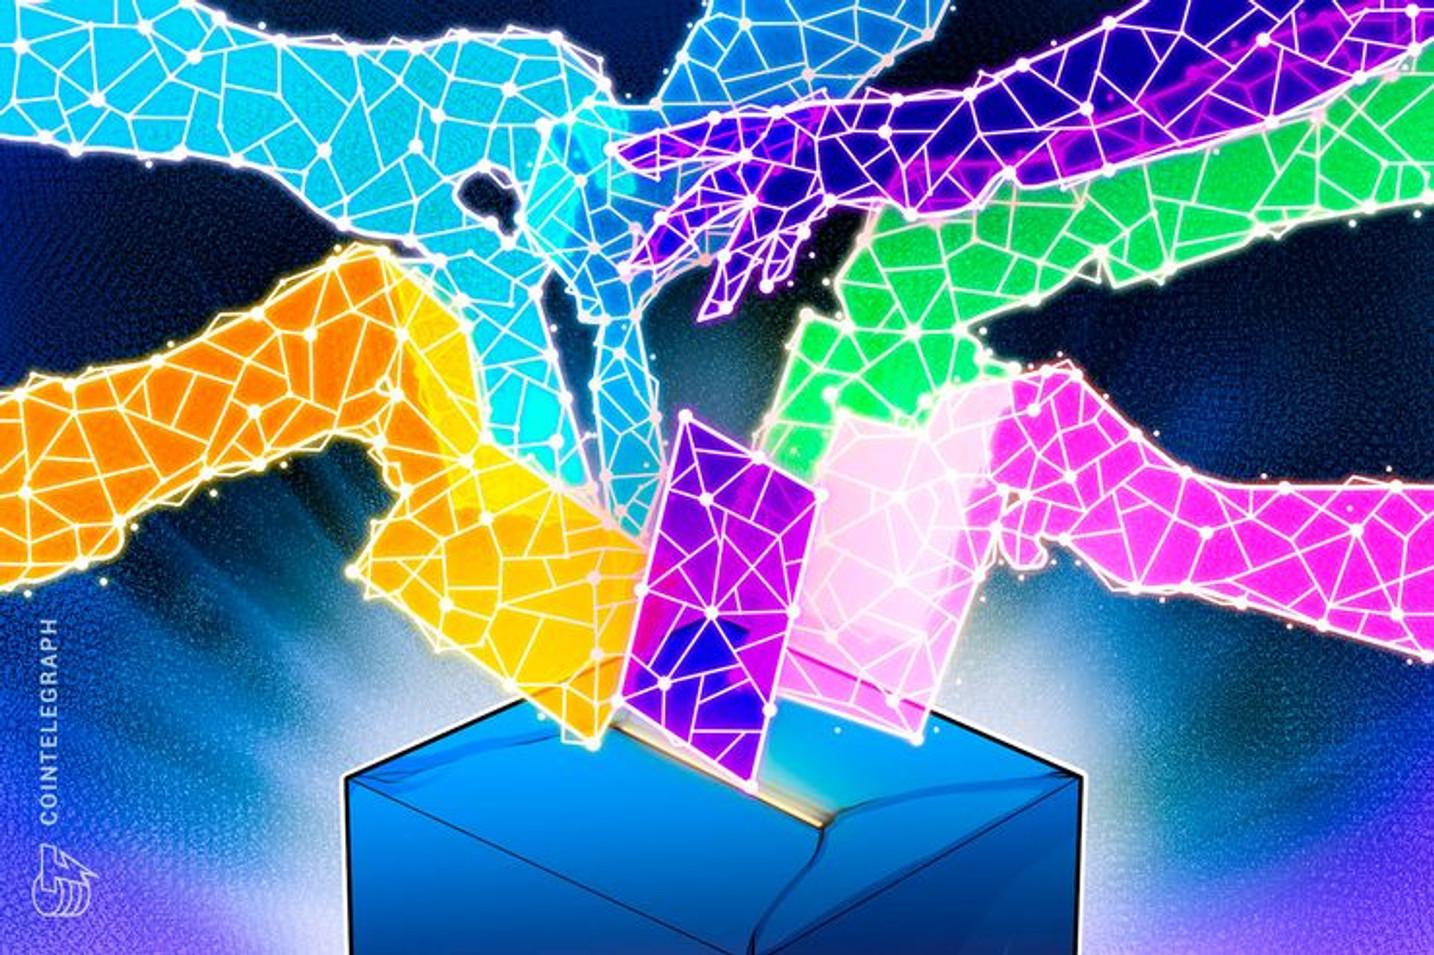 El Partido Digital de Uruguay aplicará tecnología blockchain de Aeternity en procesos de democracia interna